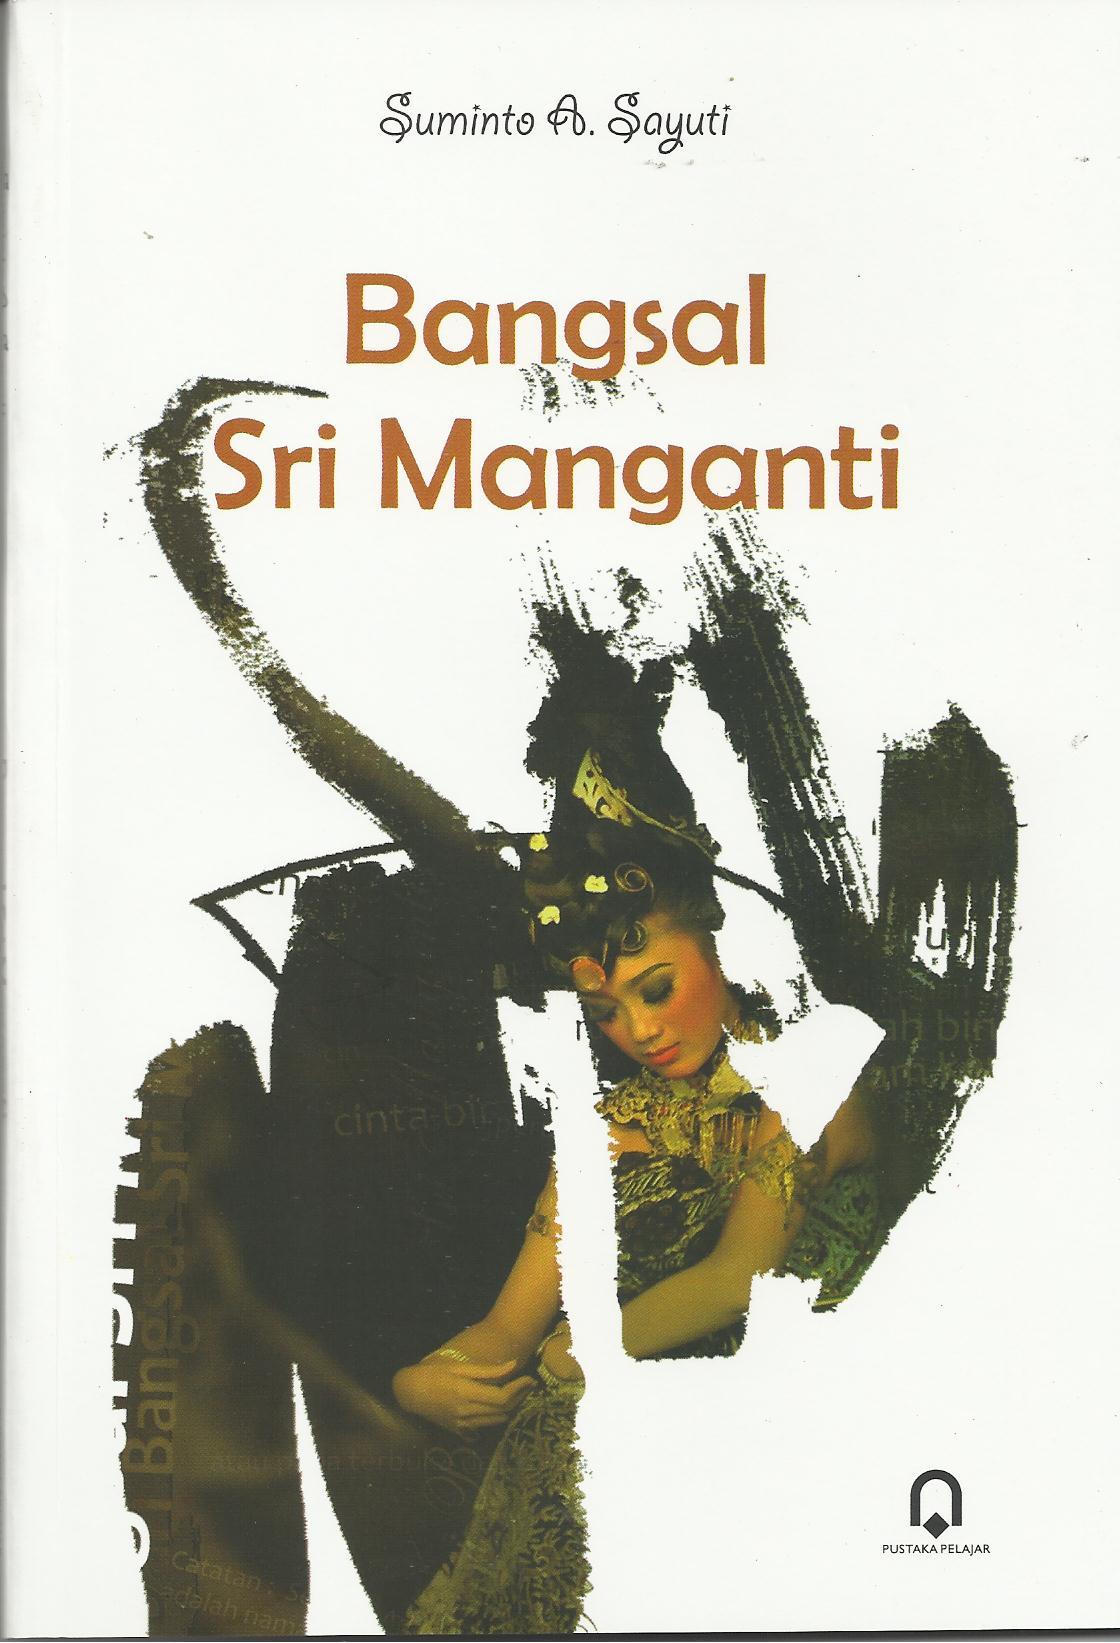 Bangsal Sri Manganti